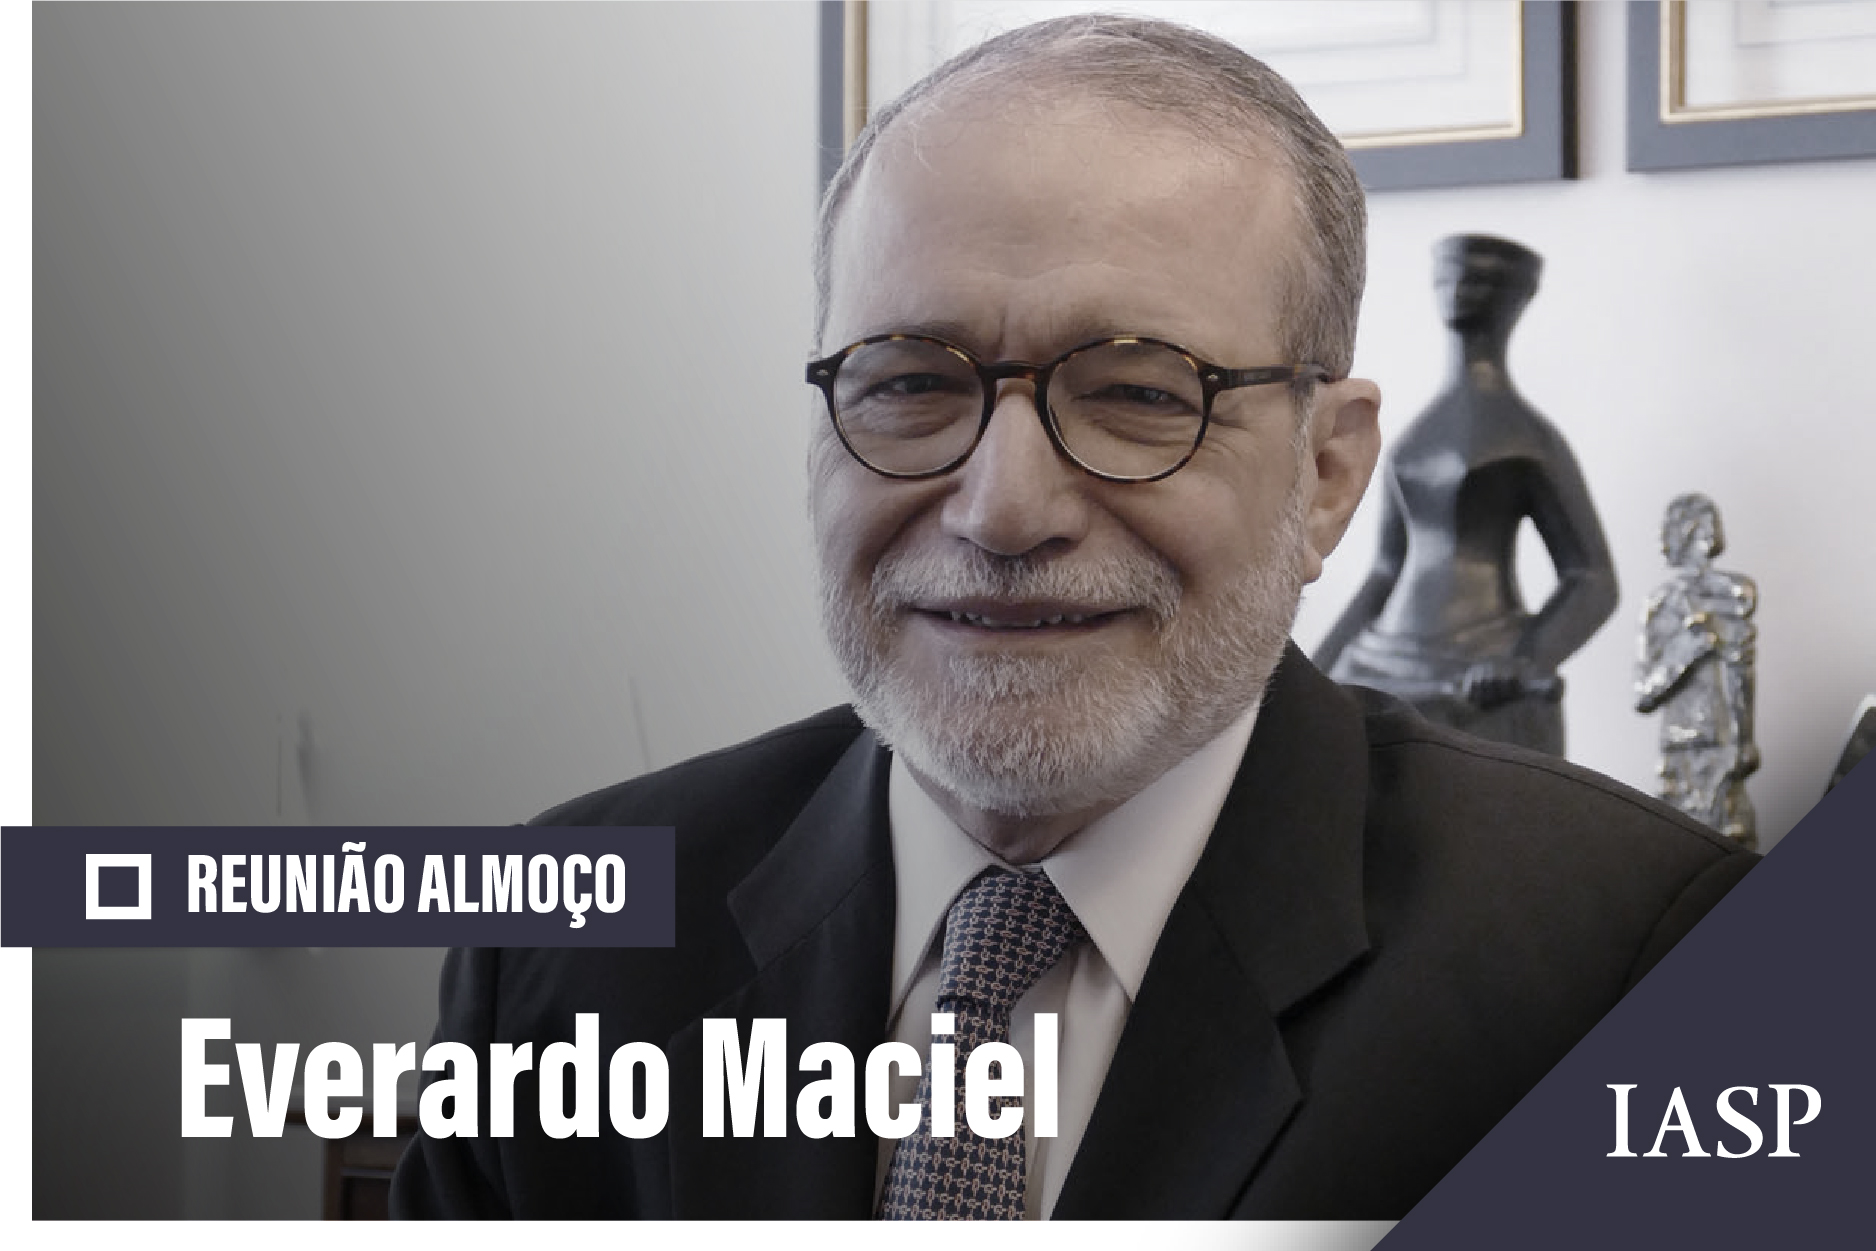 IASP_REUNIAOALMOCO_EVERARDO